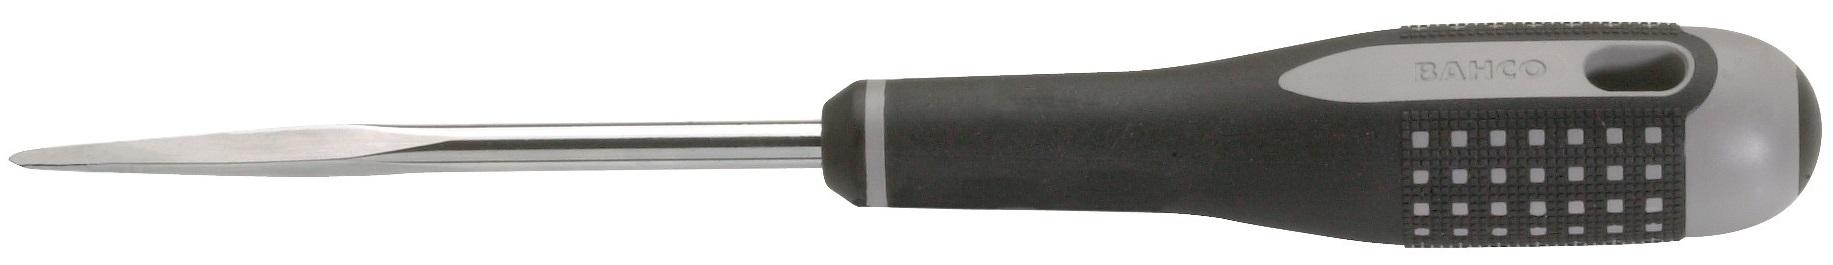 Bahco BE-8980 - развертка (Grey)